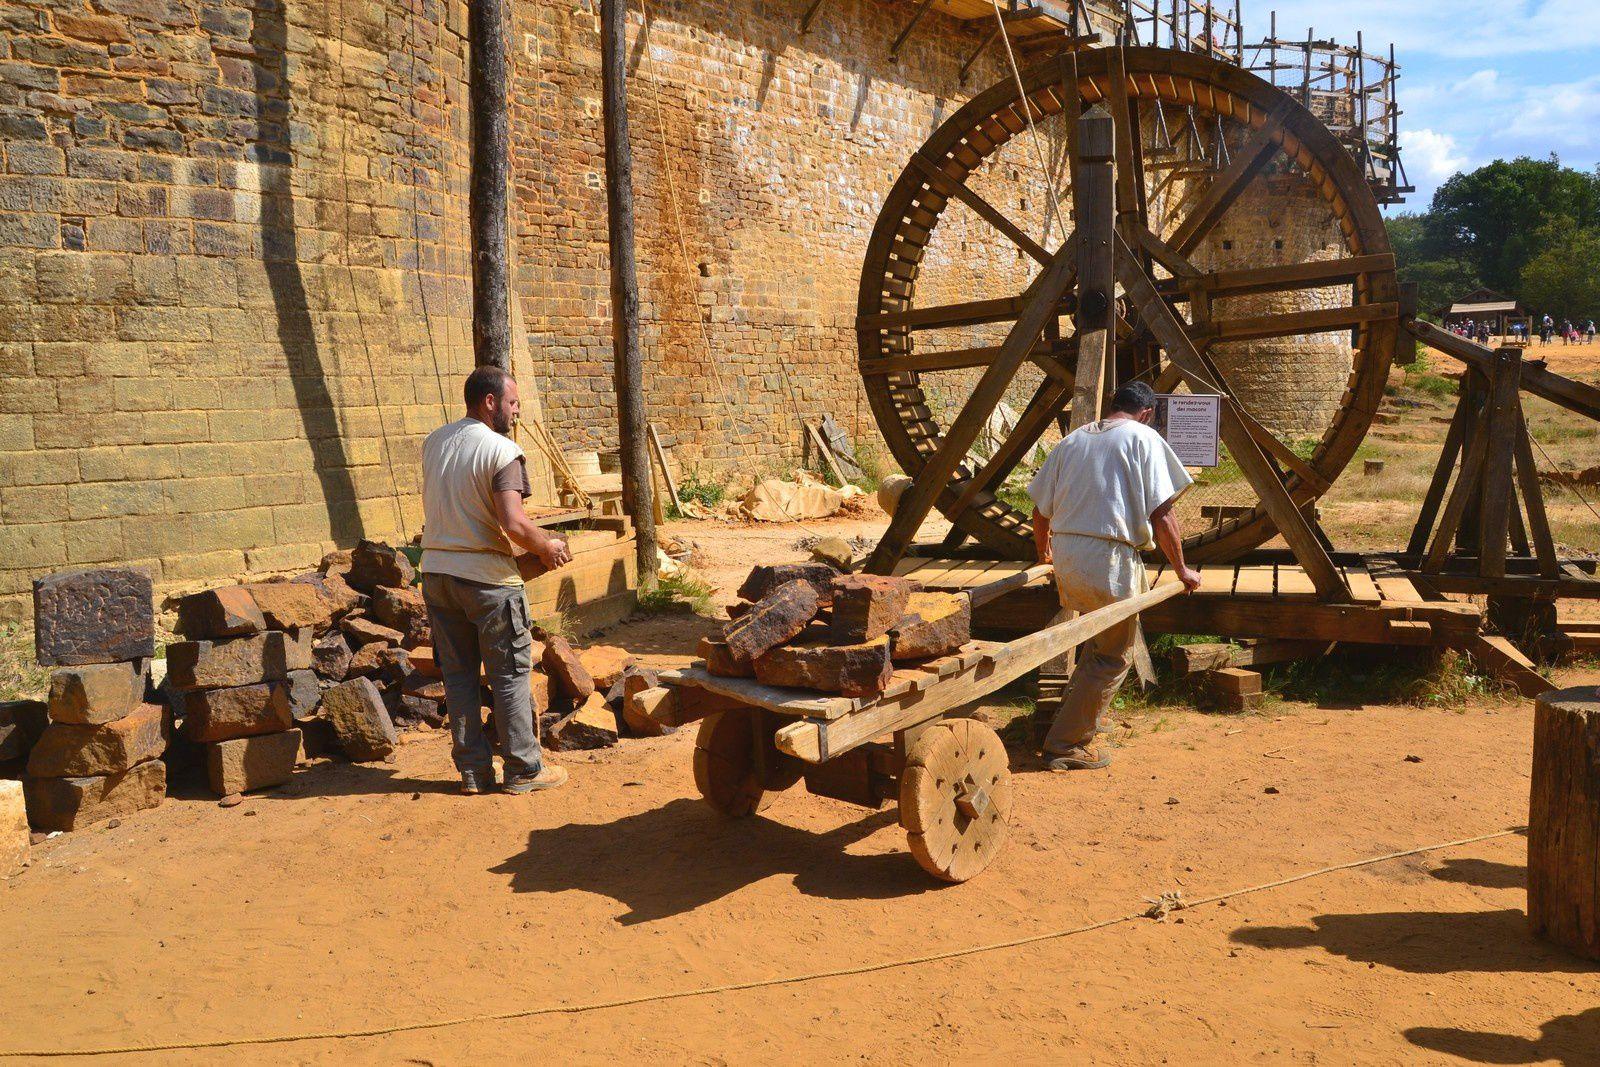 Le chantier médiéval de Guédelon - Yonne